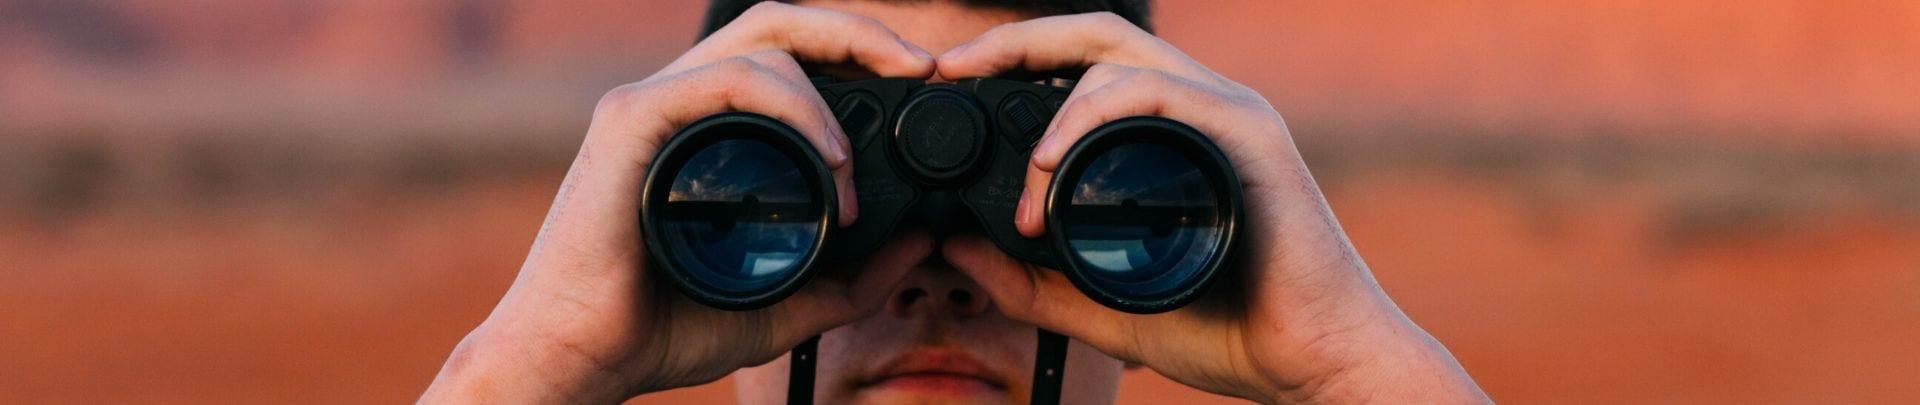 איך לחפש מאמרים באנגלית